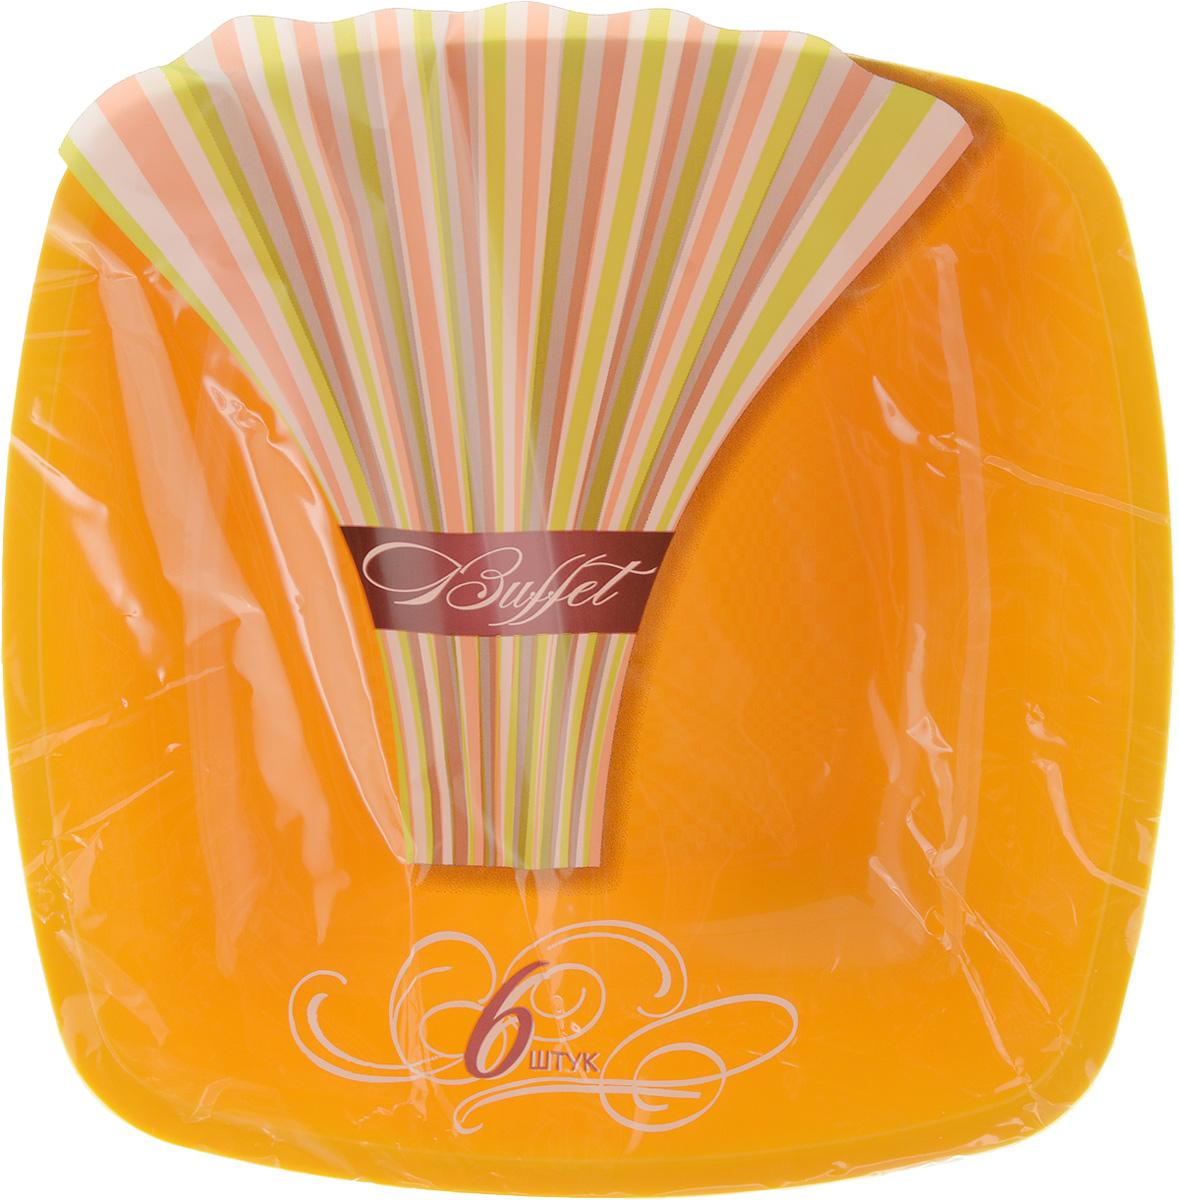 Набор одноразовых глубоких тарелок Buffet, цвет: желтый, 18 х 18 см, 6 шт21395560Набор Buffet состоит из 6 глубоких тарелок, выполненных из полипропилена и предназначенных для одноразового использования. Такие тарелки подходят для пищевых продуктов и будут незаменимы при поездках на природу, пикниках и других мероприятиях. Они не займут много места, легки и самое главное - после использования их не надо мыть.Размер тарелки: 18 х 18 см. Высота тарелки: 4 см.